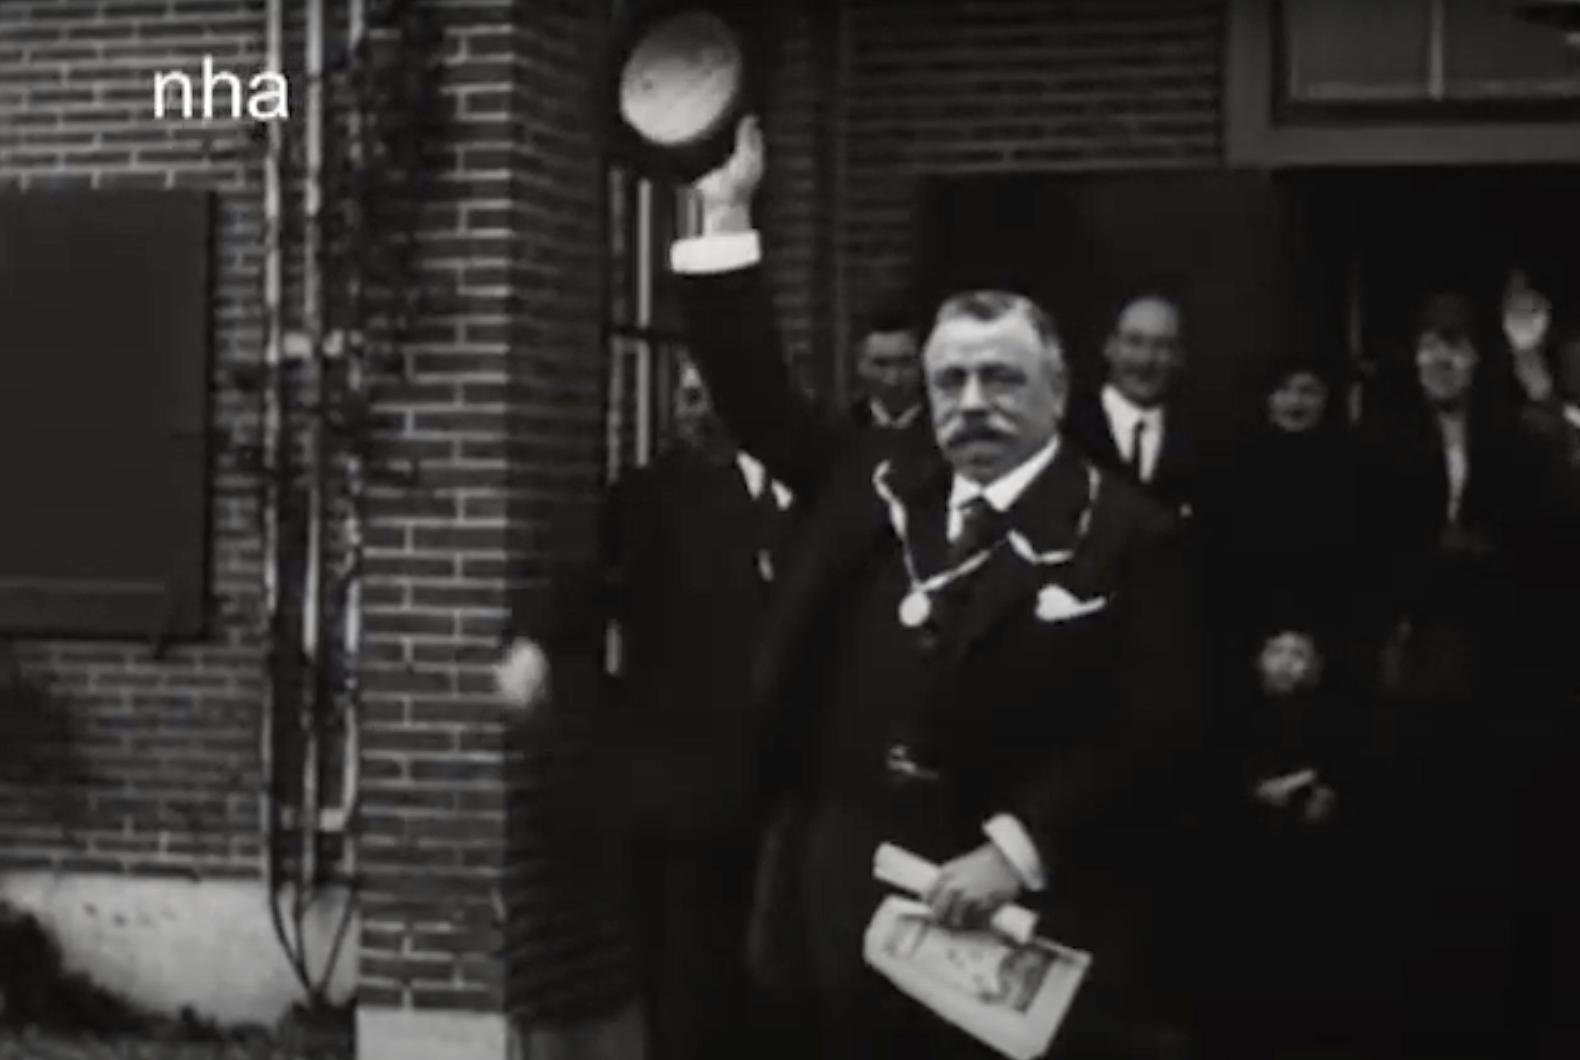 Bewegend Verleden: een groot feest voor de burgemeester van Zandvoort [video]